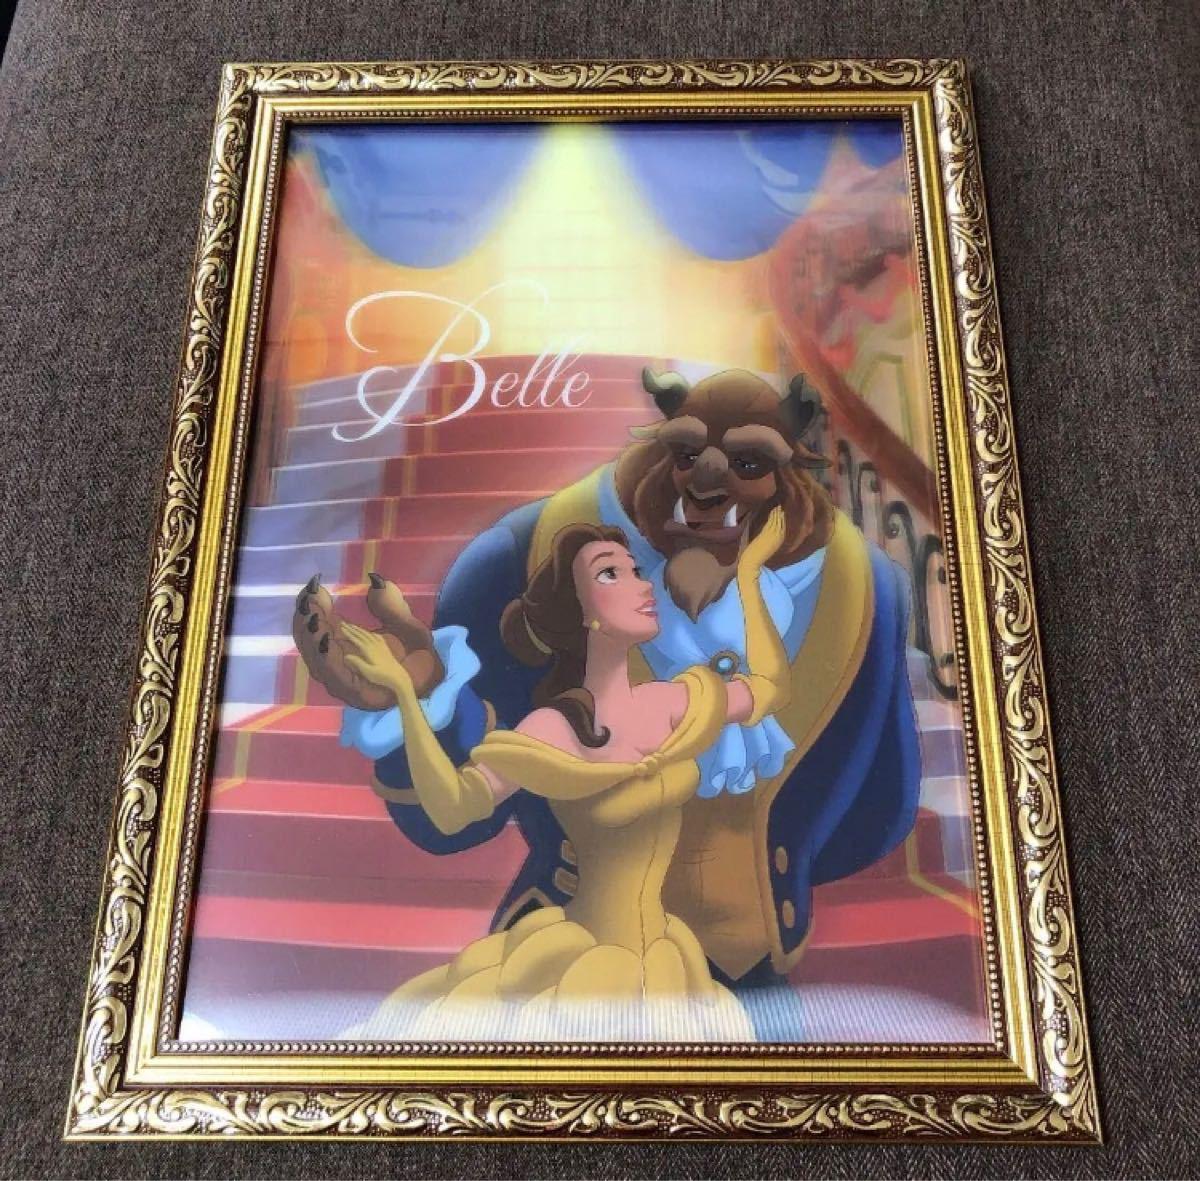 プリンセス 3D ポスター 美女と野獣 ベル